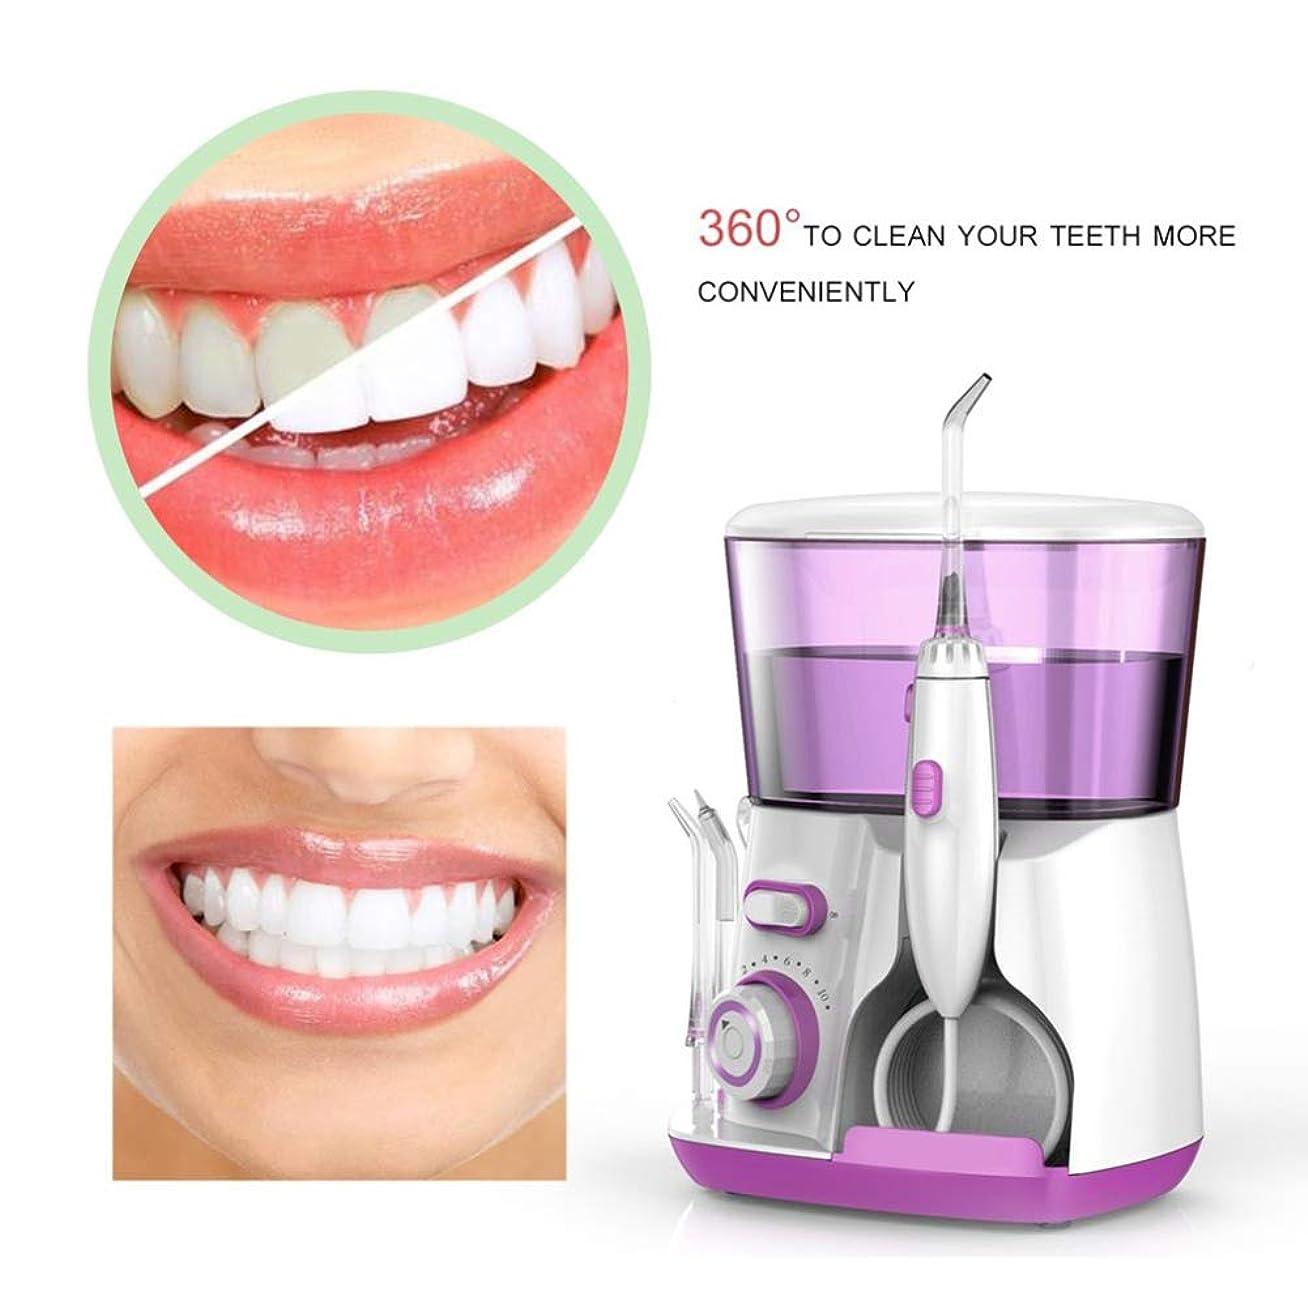 同封する十一味口腔洗浄器、IPX7防水プロフェッショナル歯科用口腔洗浄器、スプレーノズル5個、調整可能なギア位置10個,Purple